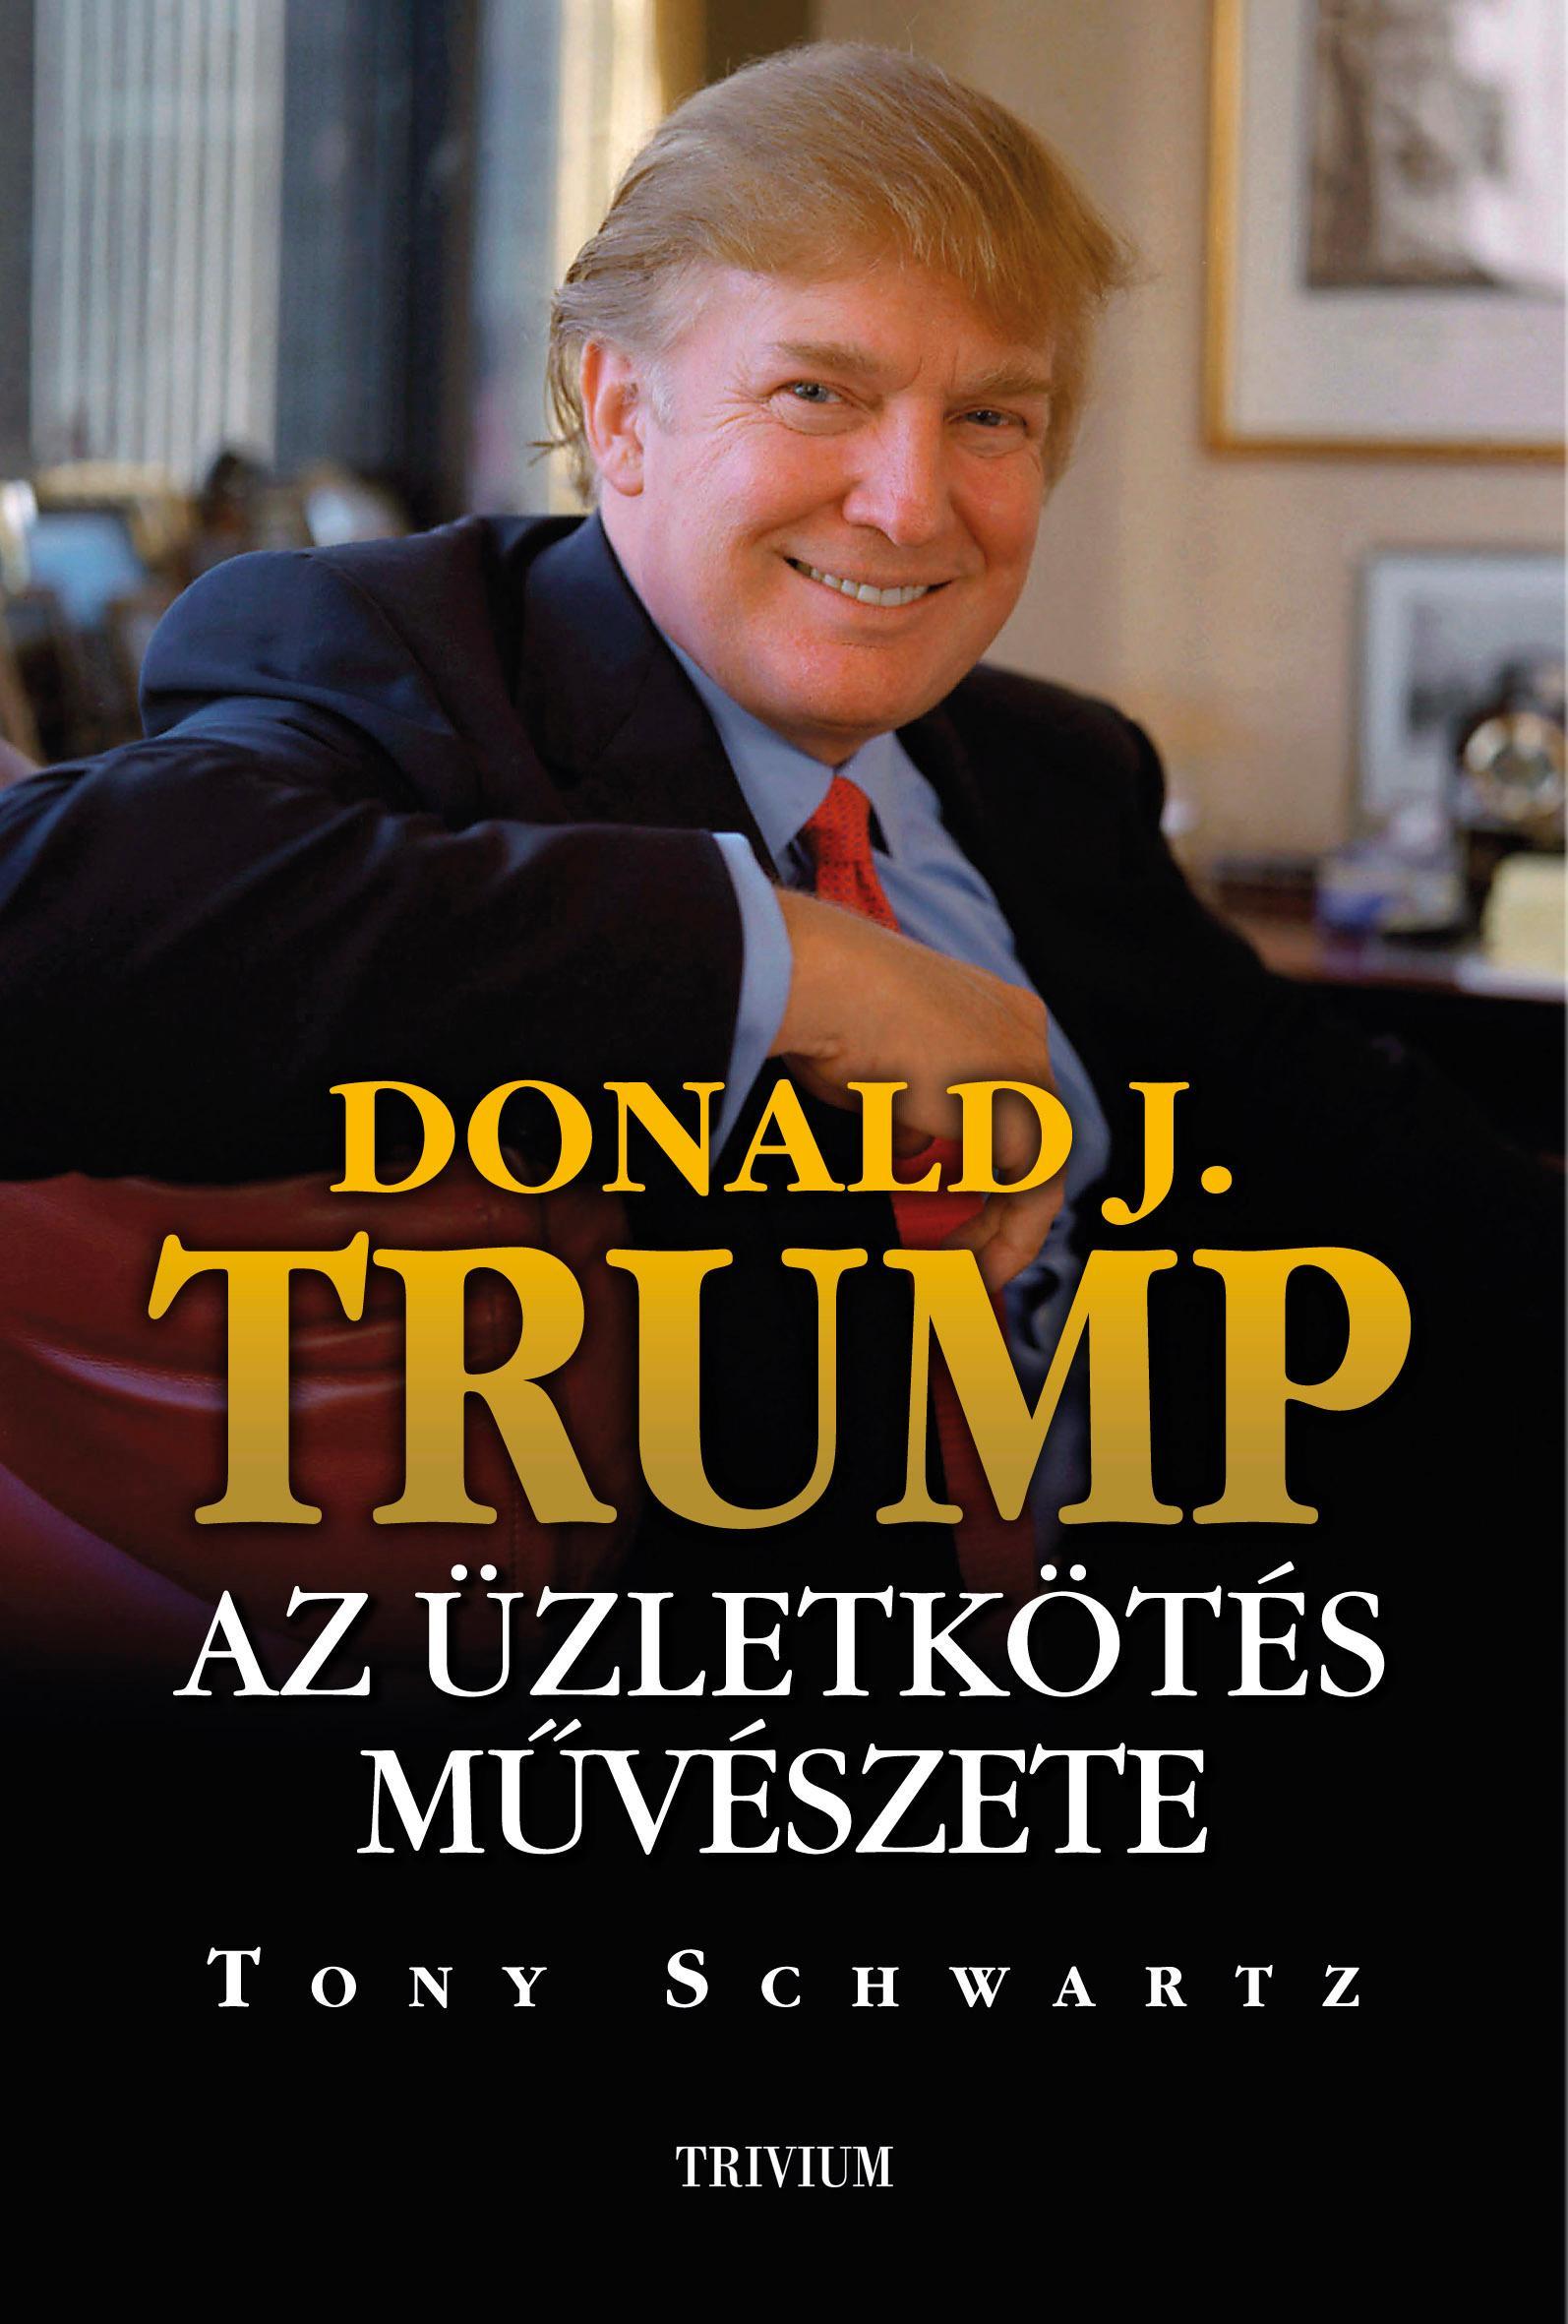 SCHWARTZ, TONY - DONALD J. TRUMP - AZ ÜZLETKÖTÉS MŰVÉSZETE